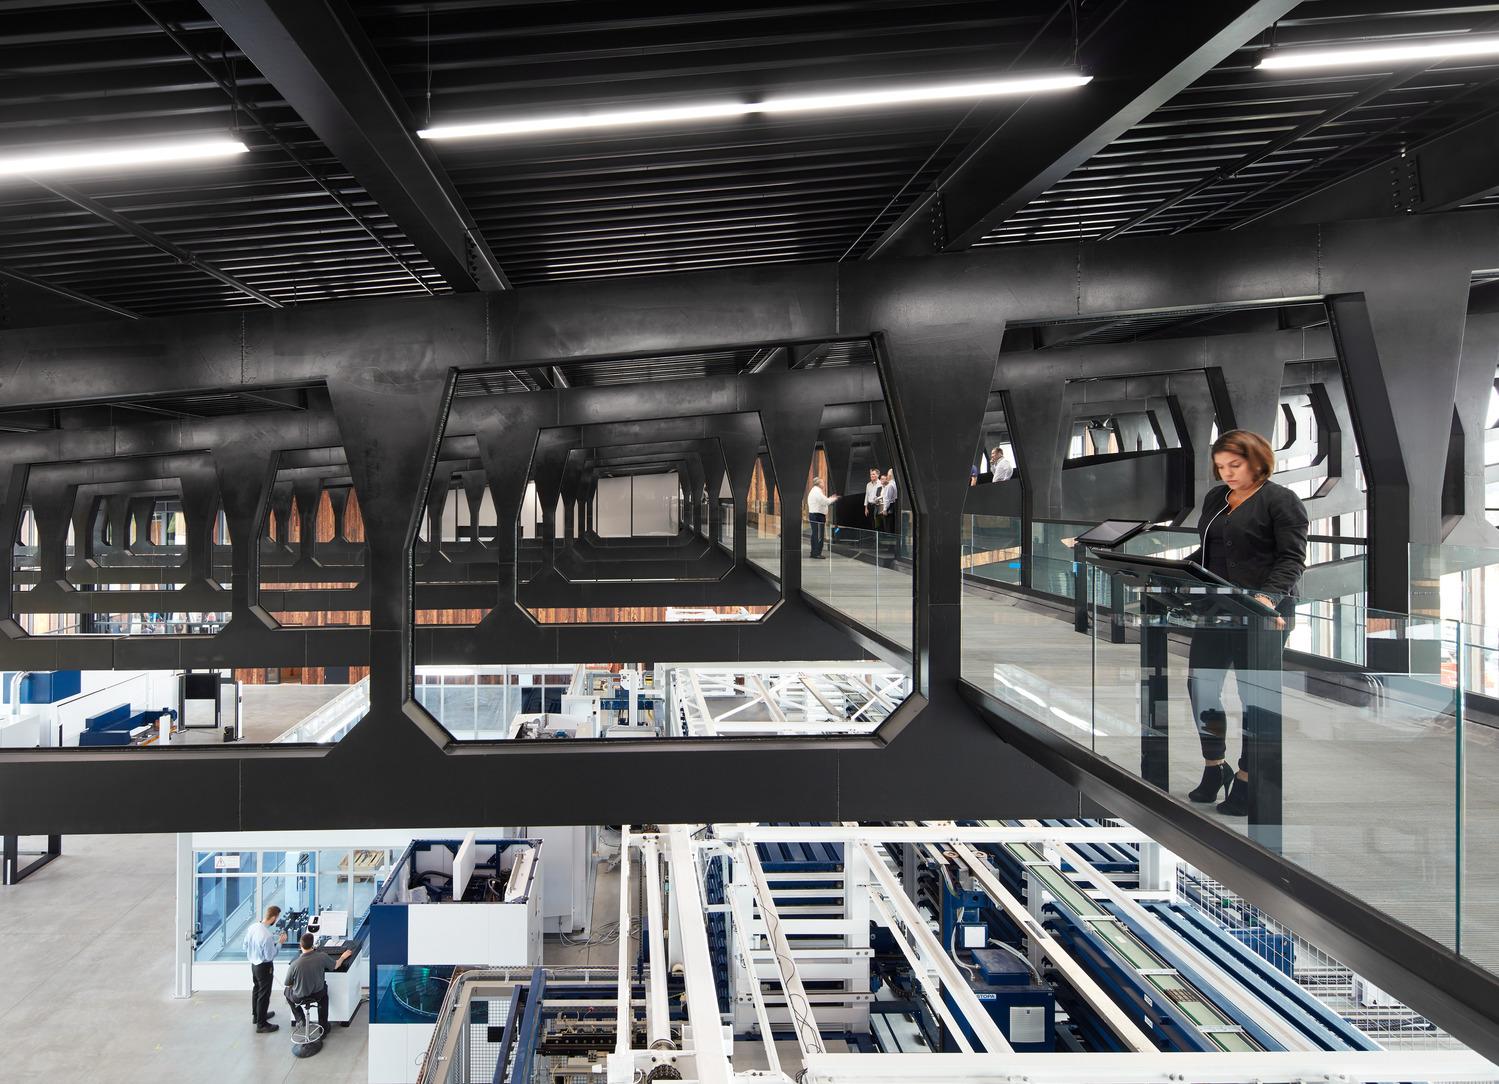 Trumpf Smart Factory Chicago Barkow Leibinger Archdaily